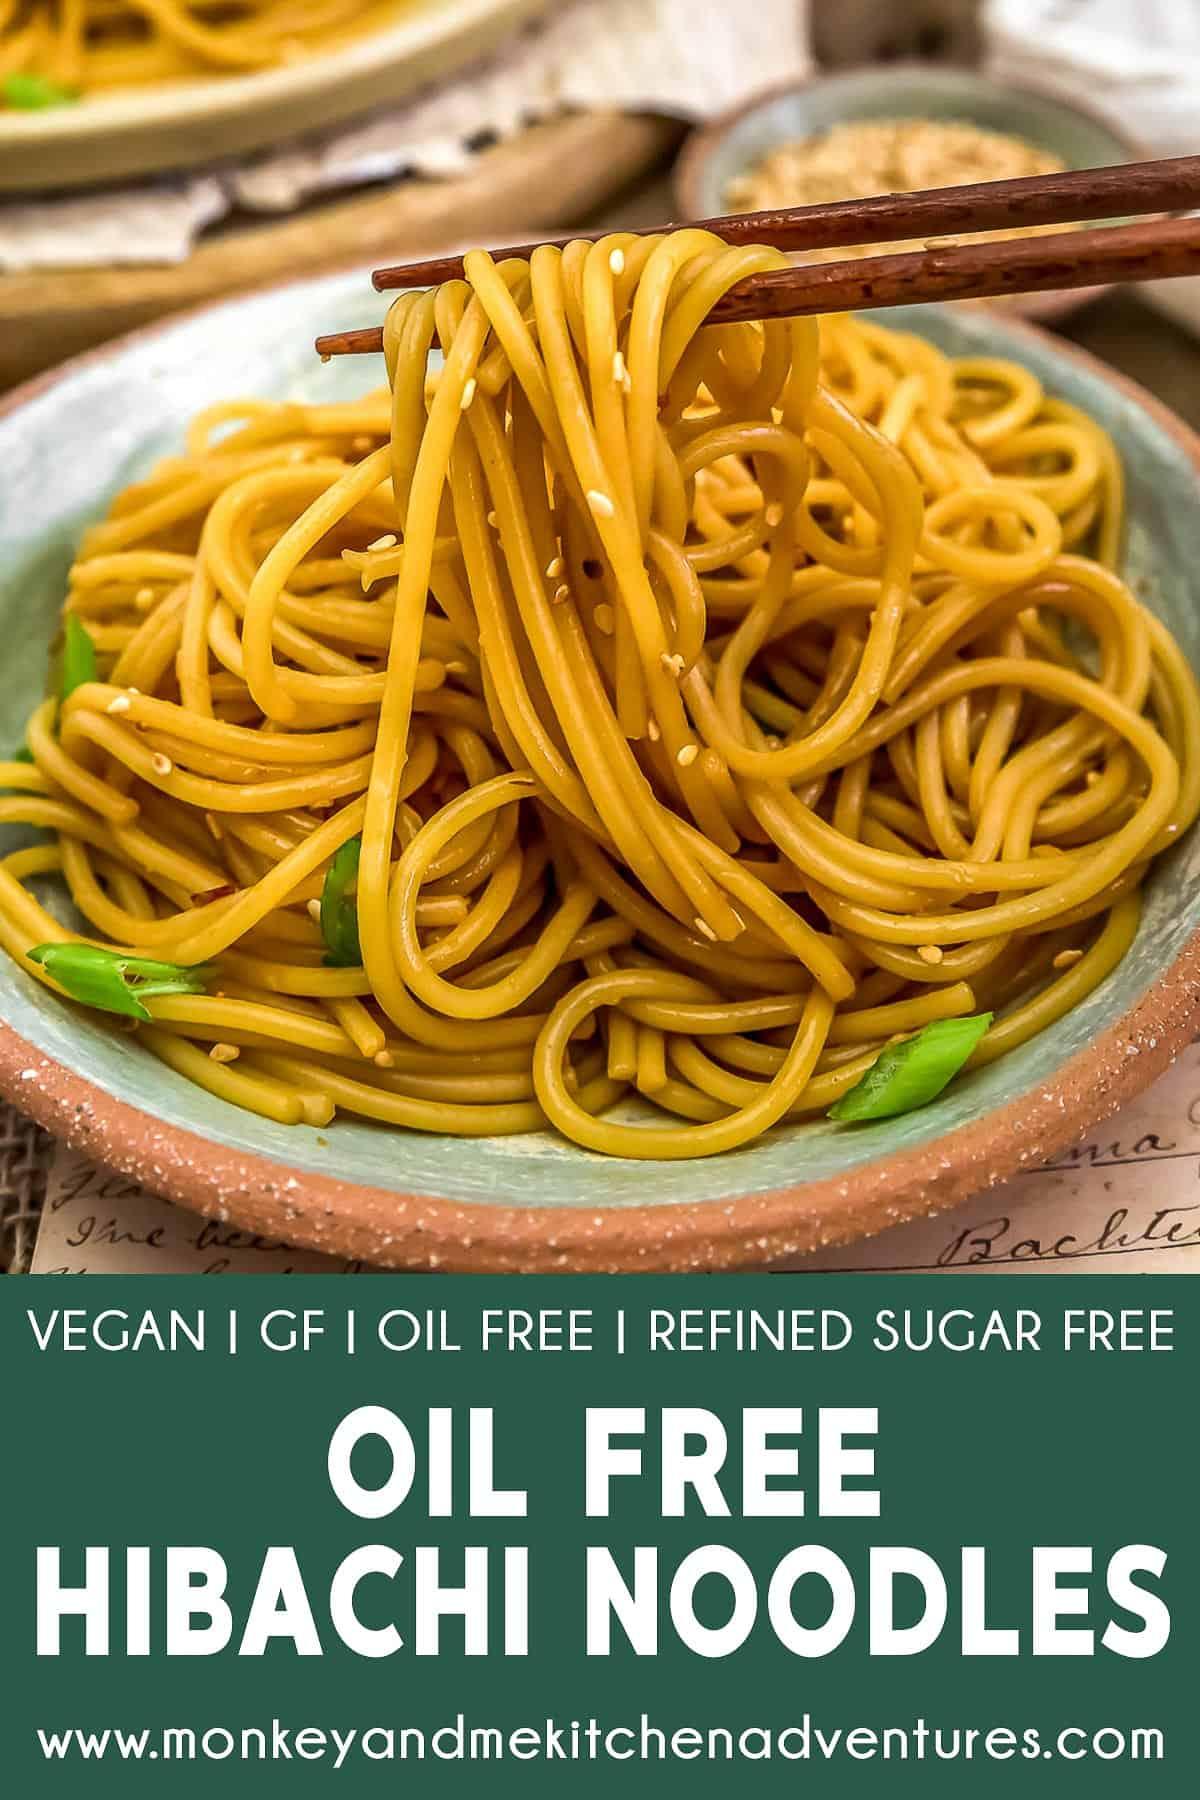 Oil-Free Hibachi Noodles with text description